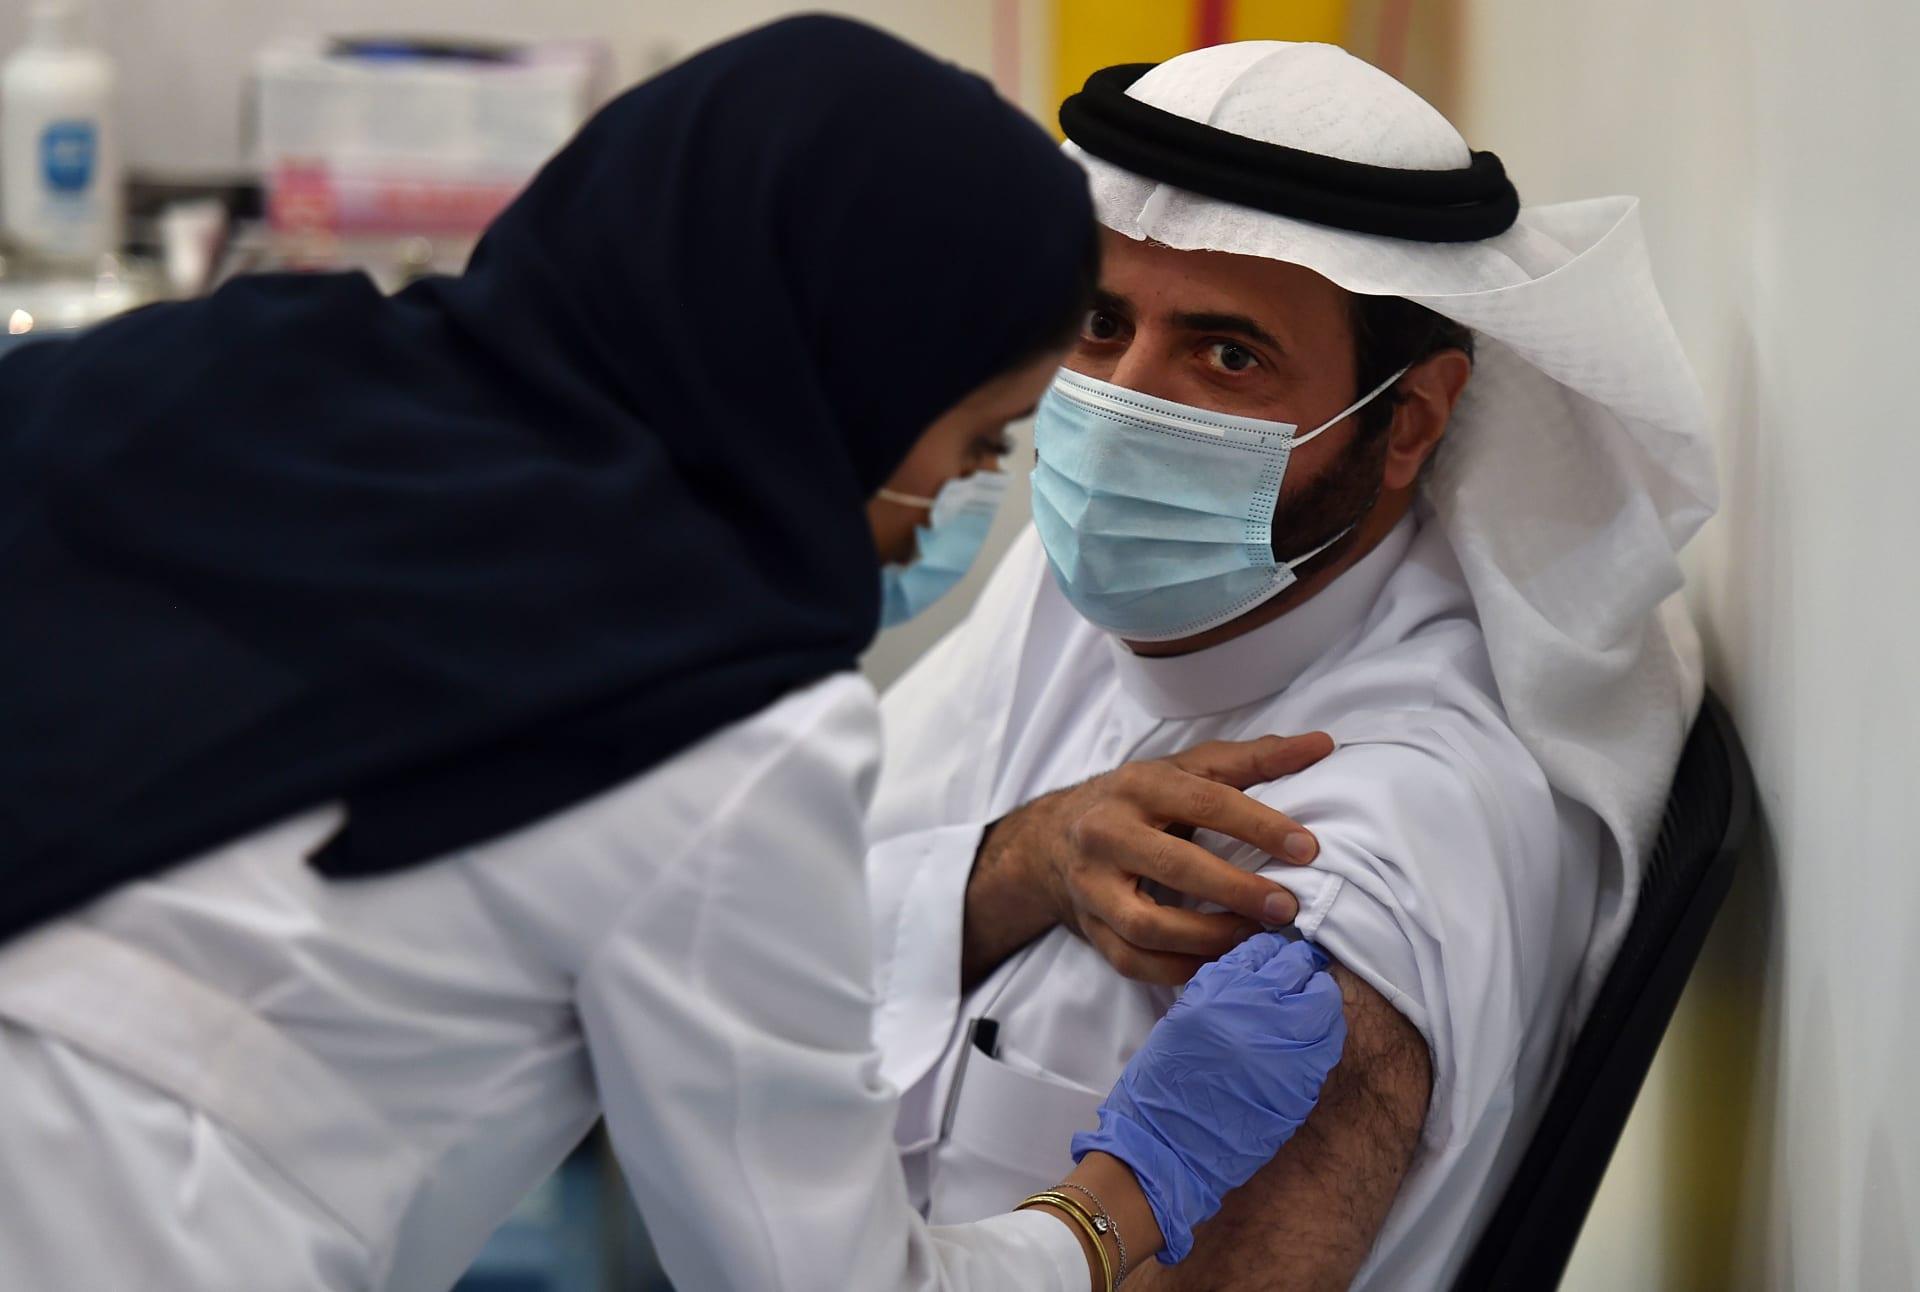 السعودية تبدأ بصرف 500 ألف ريال لذوي ضحايا فيروس كورونا من القطاع الصحي